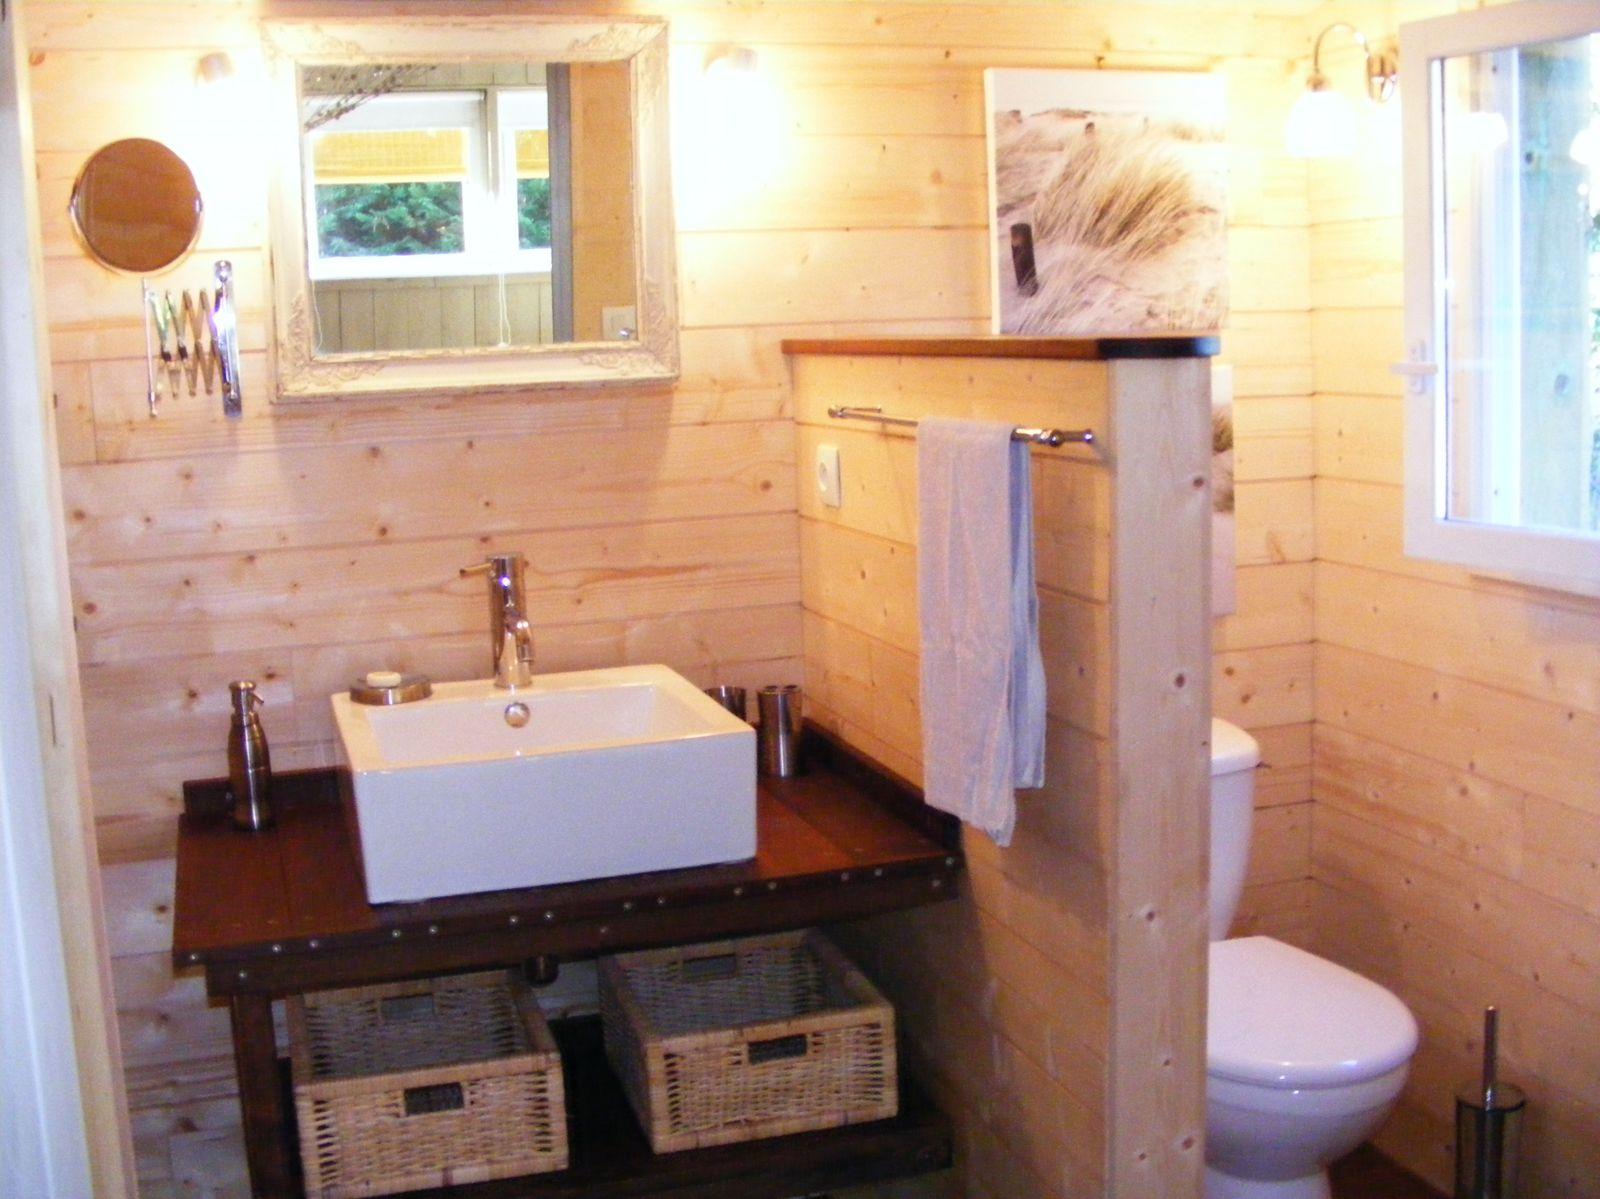 salle de douche.jpg - Le blog de LE PETIT CABANON